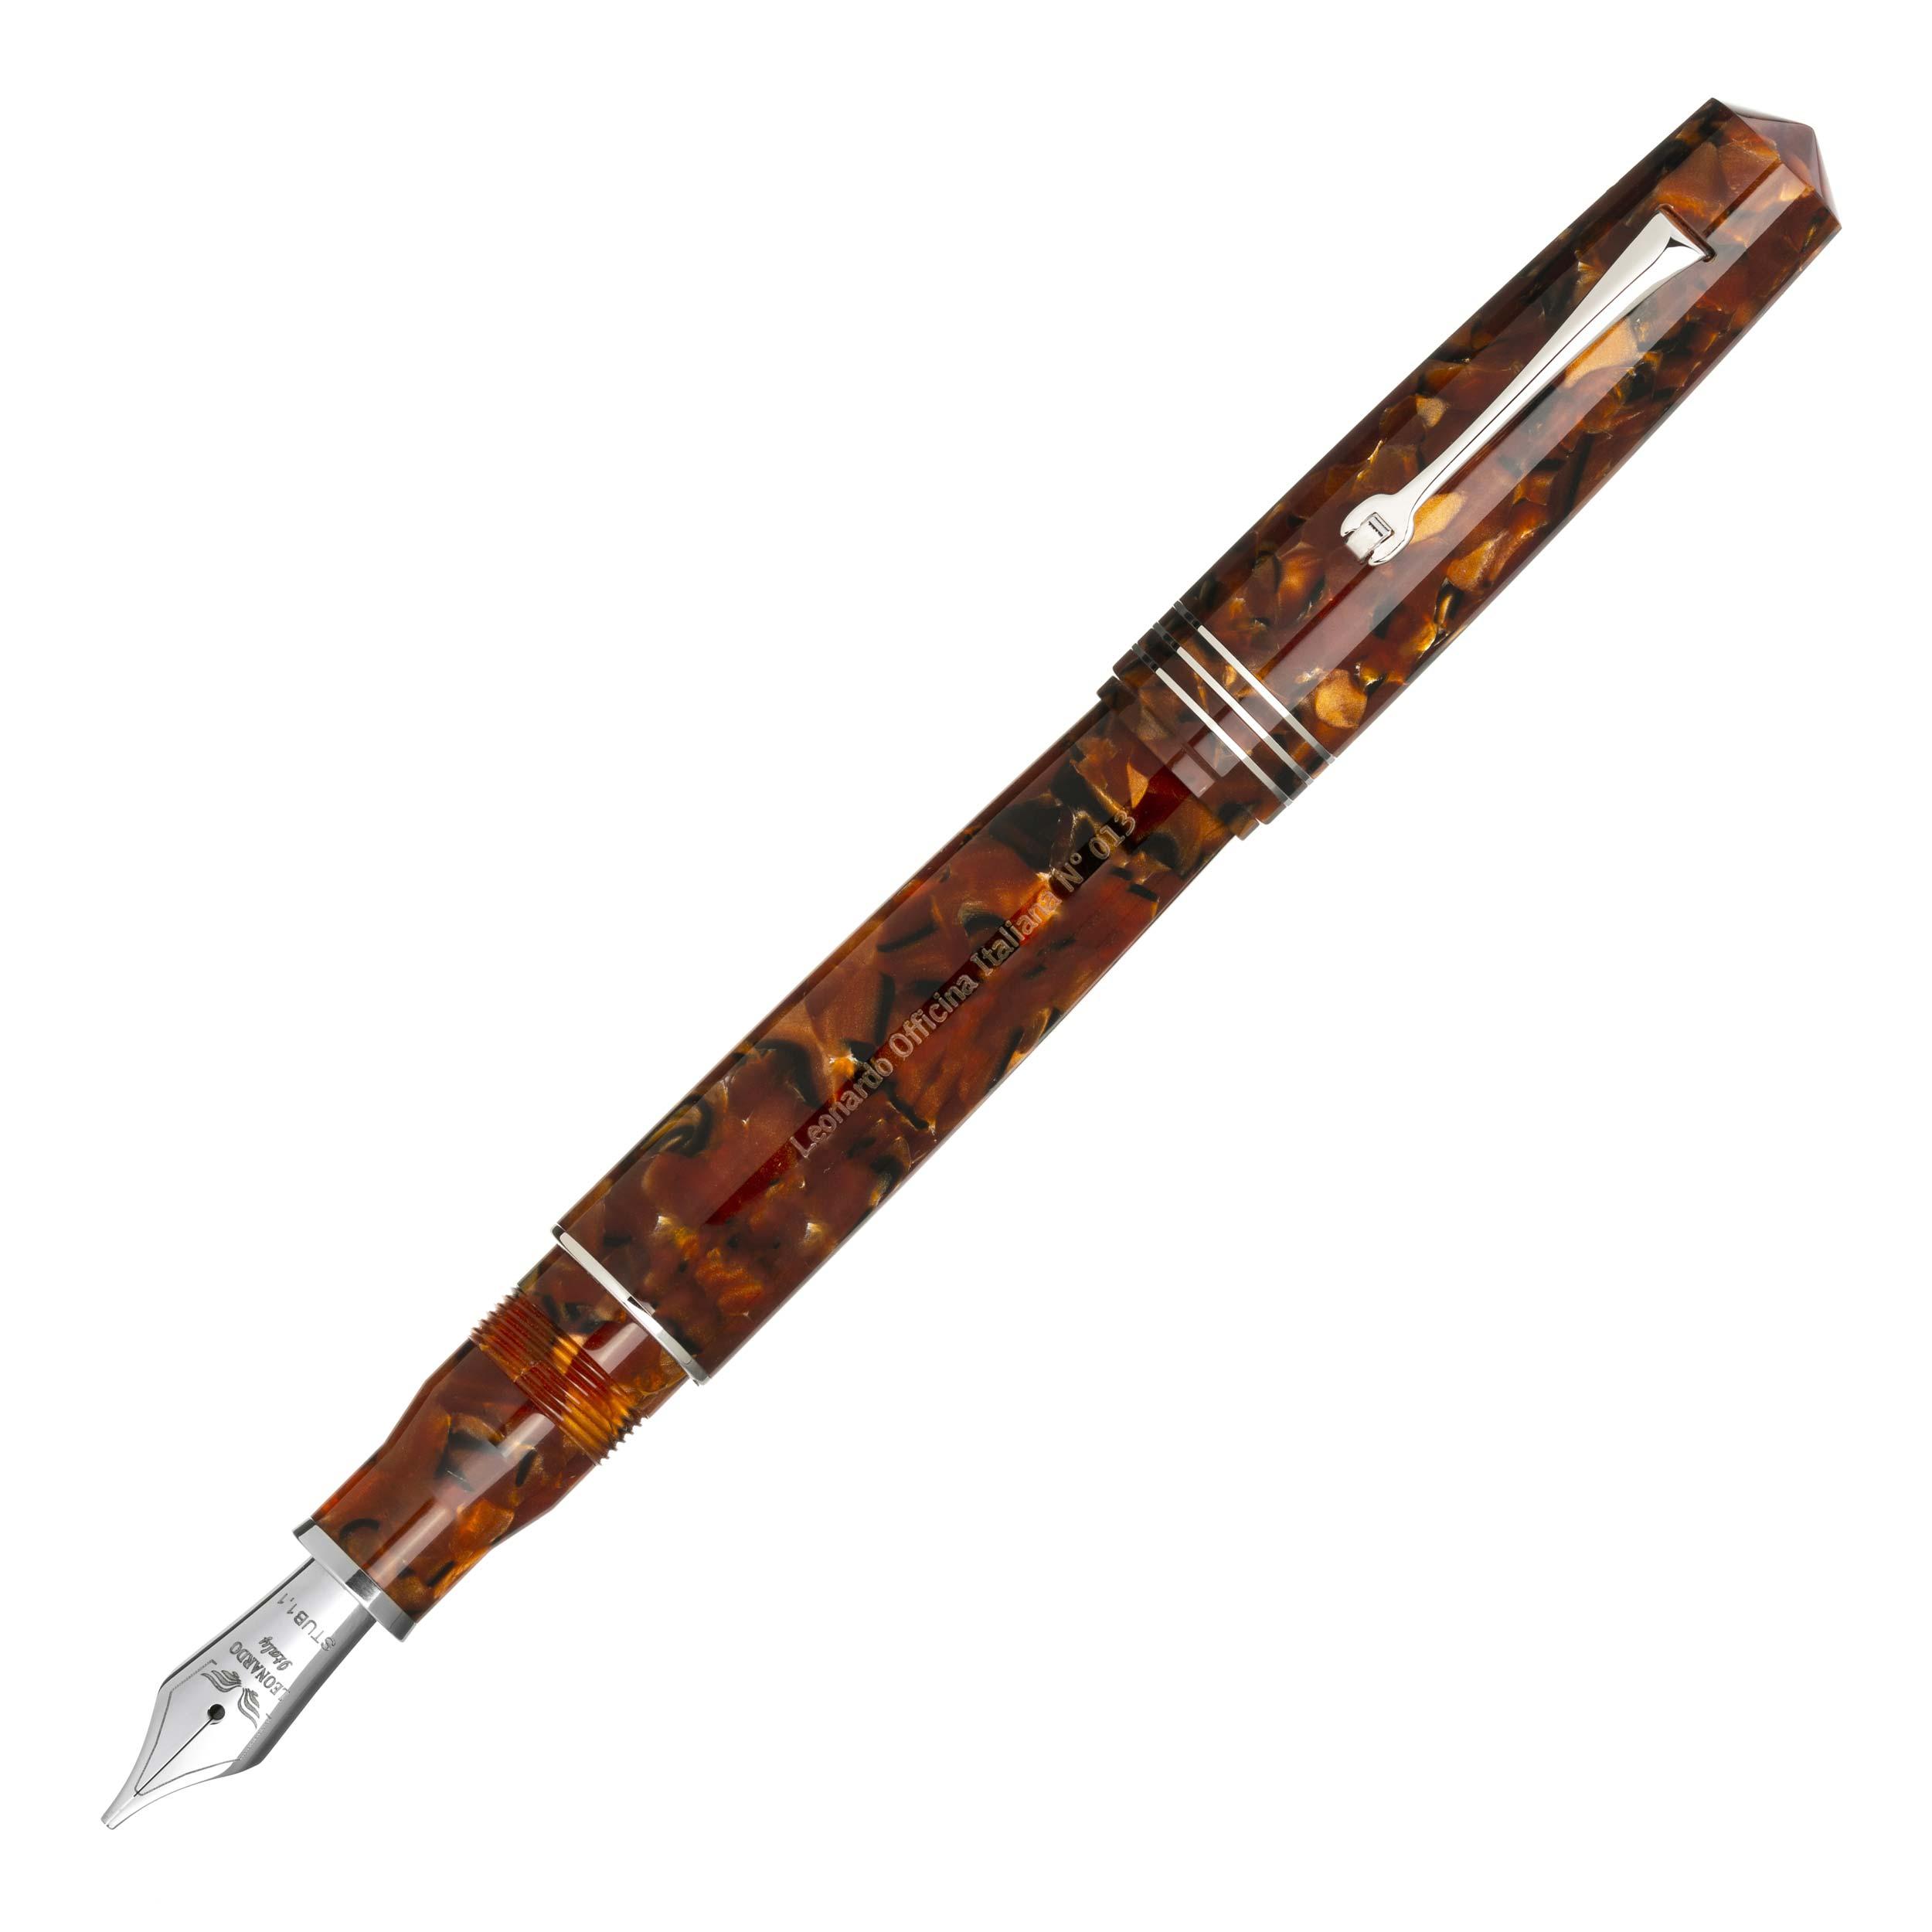 leonardo-momento-zero-grande-copper-fountain-pen-posted-nibsmith